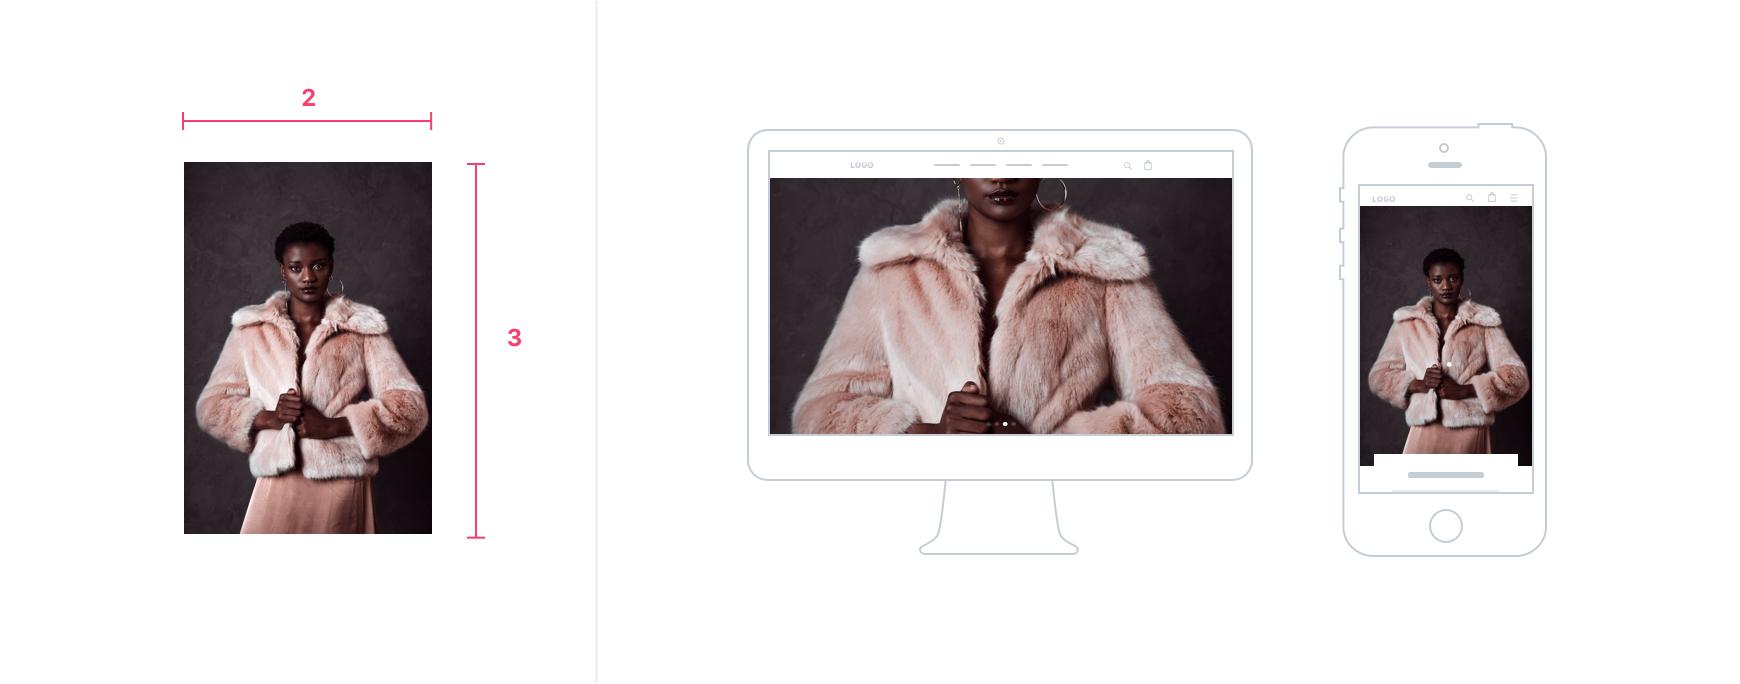 Una diapositiva alta vista en un escritorio y en un dispositivo móvil. La imagen se recorta en el dispositivo de escritorio, pero no se recorta en el dispositivo móvil.